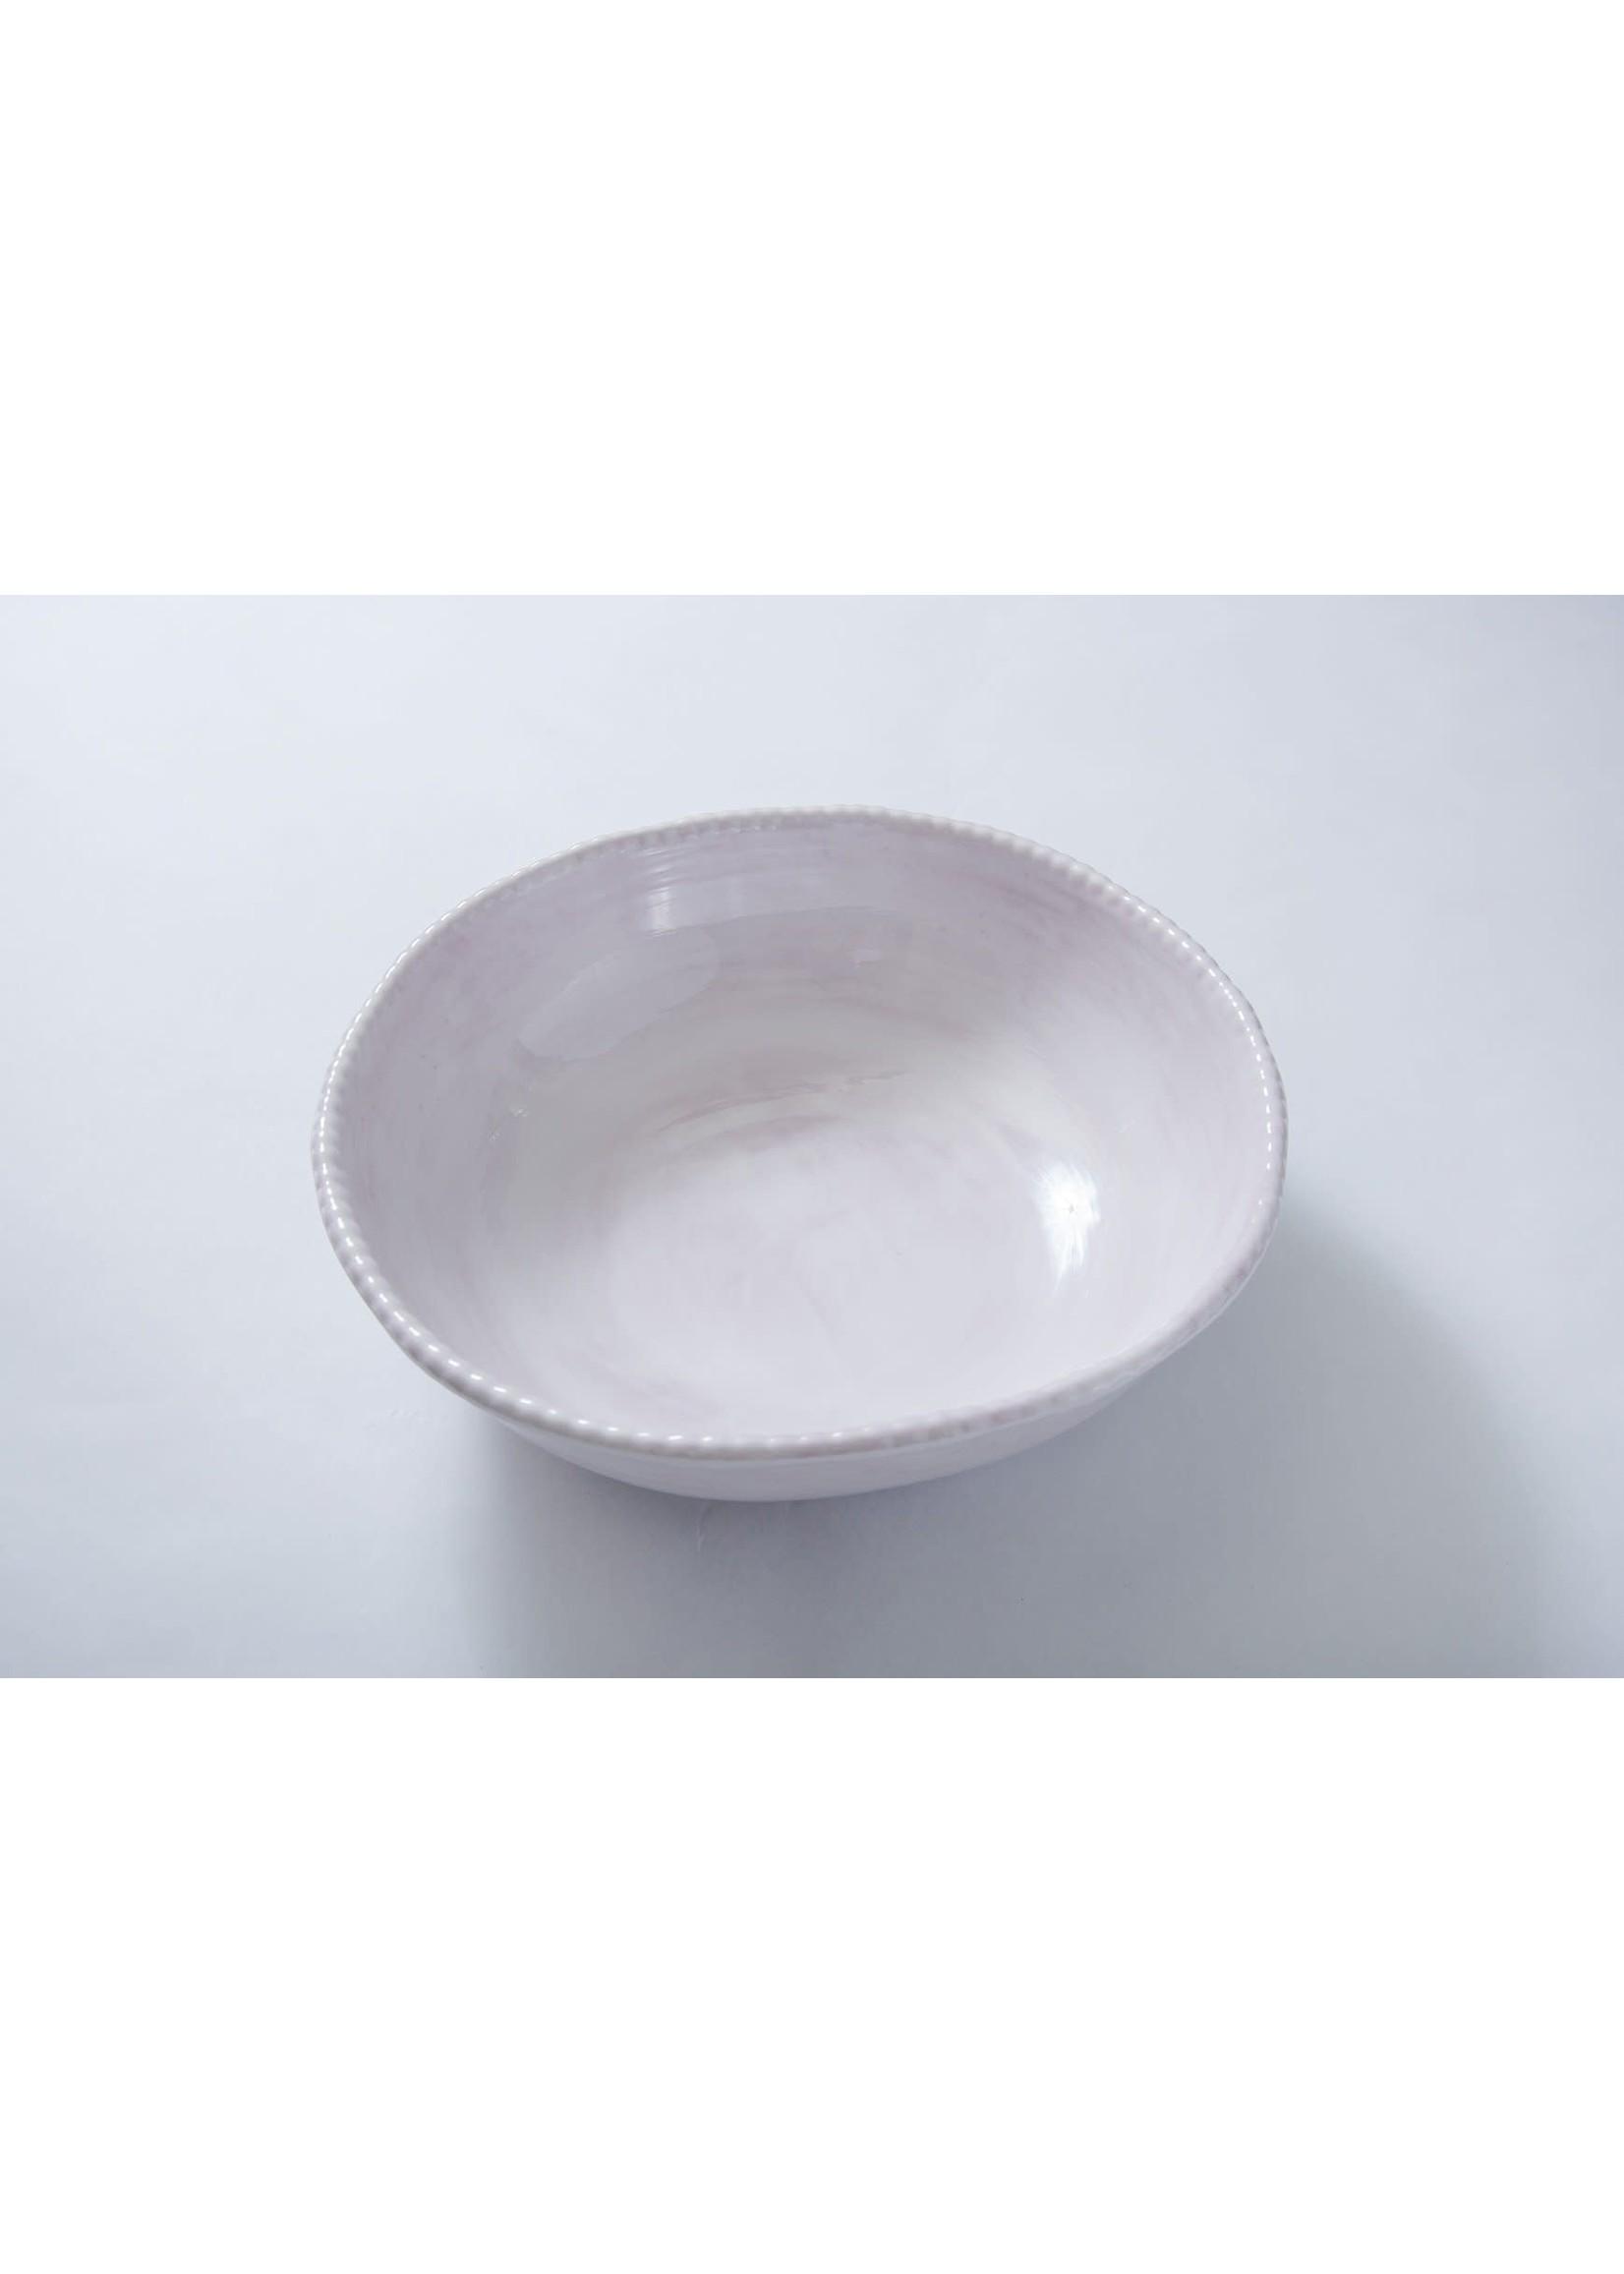 Relish Melamine - Beaded Serving Bowl - White